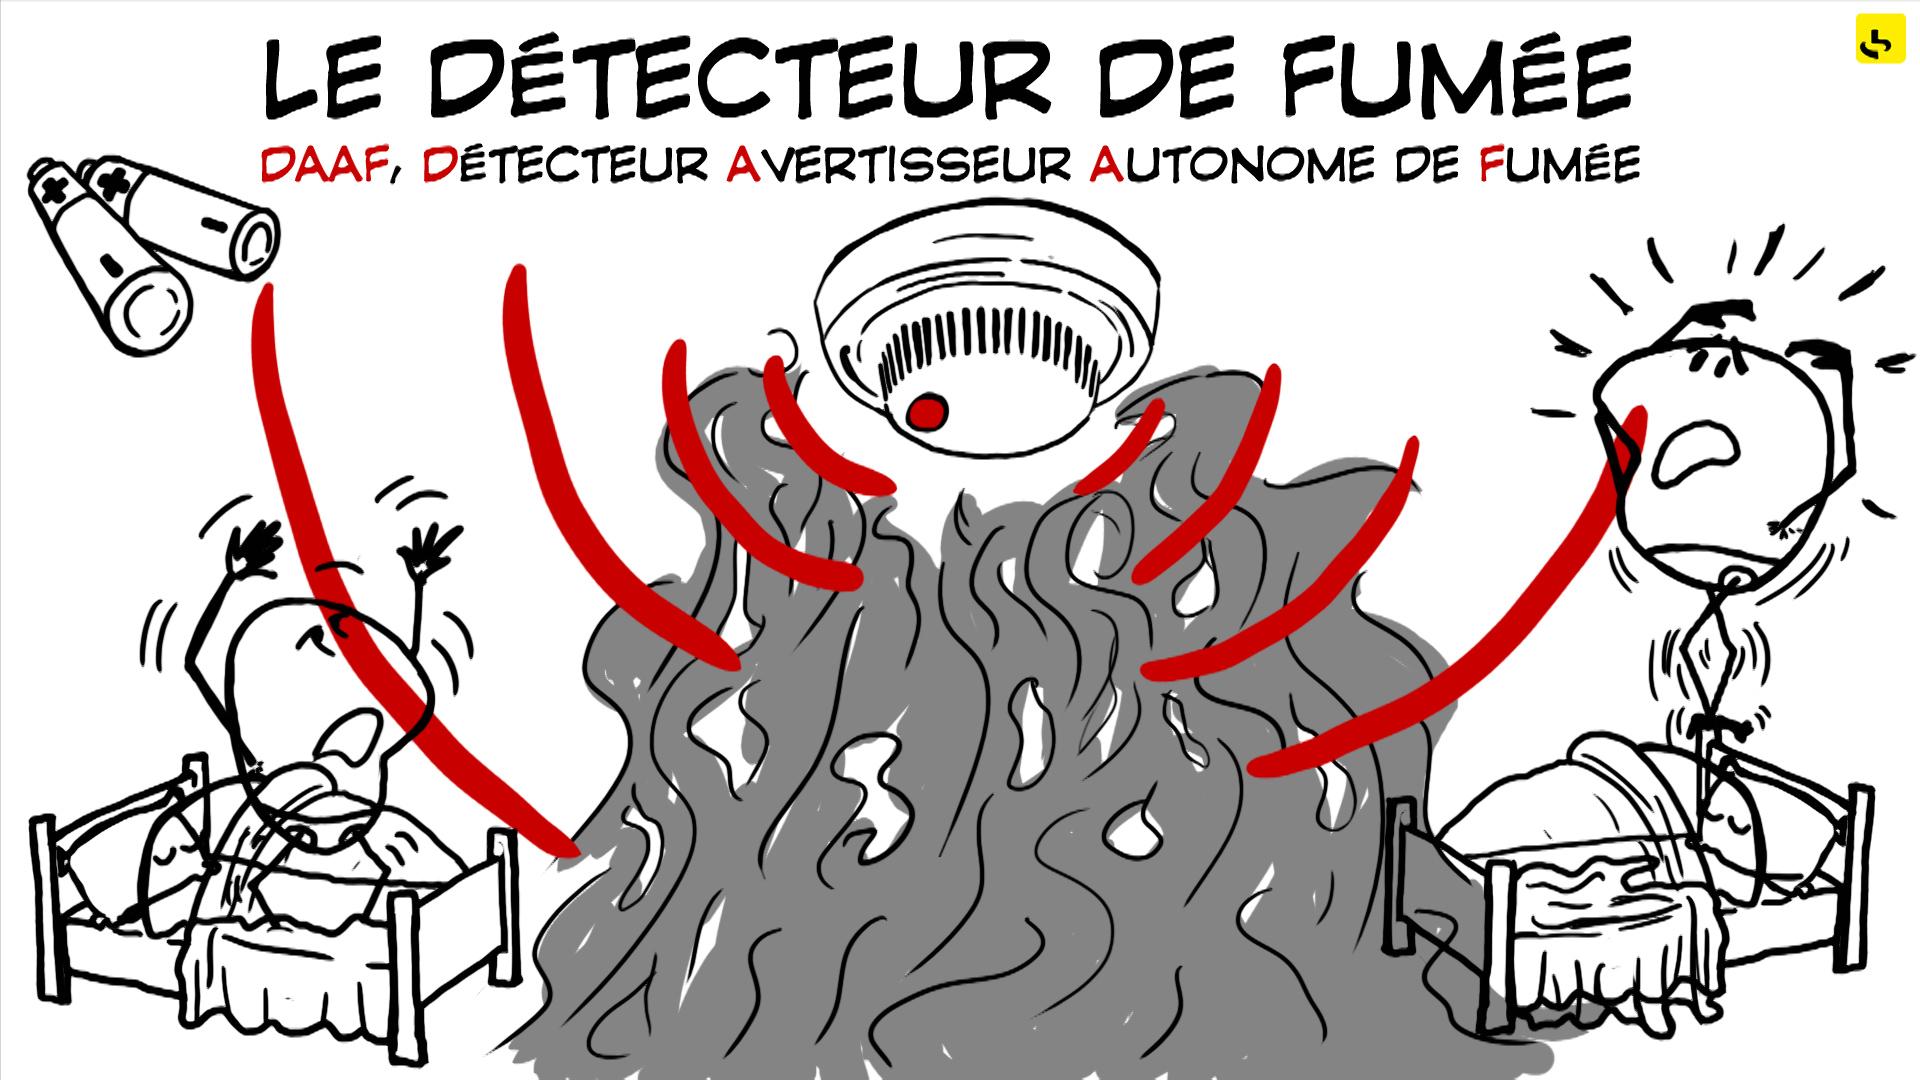 """""""Expliquez-nous"""" de France info – Le détecteur de fumée. Expliquez-nous, c'est une chronique de France Info par Gérald Roux. """"Expliquez-nous"""" de France info – Les groupes d'amitié parlementaires"""" a fait l'objet d'une mise en images par Stéphane Carteron. Retrouvez plus de vidéos sur http://franceinfo.fr/expliquez-nous"""